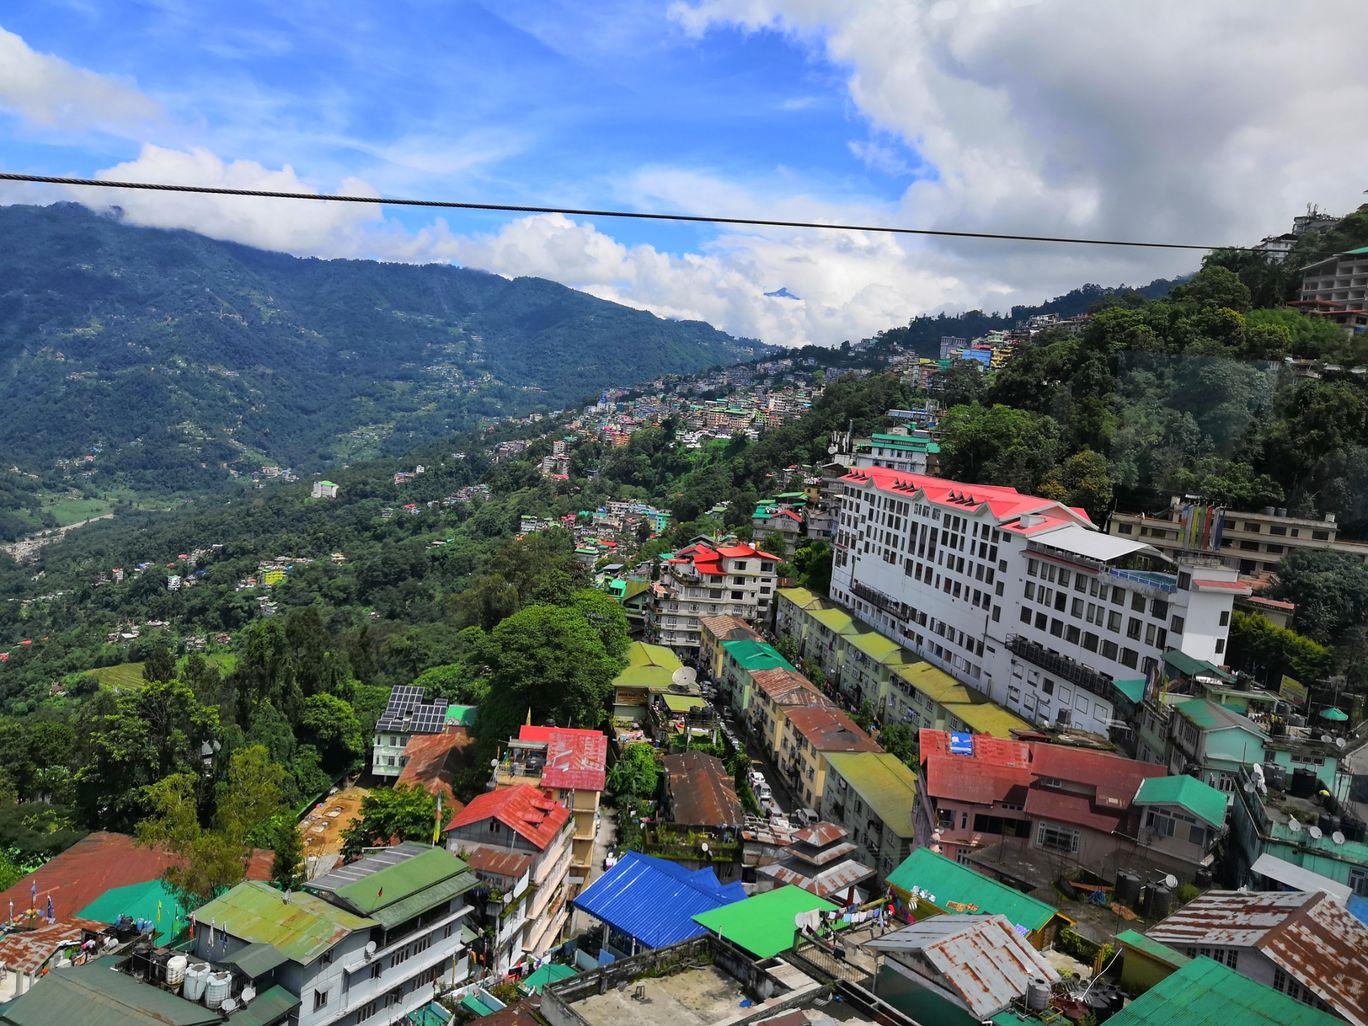 Photo of Gangtok Ropeway By Traveler Shubham Gupta